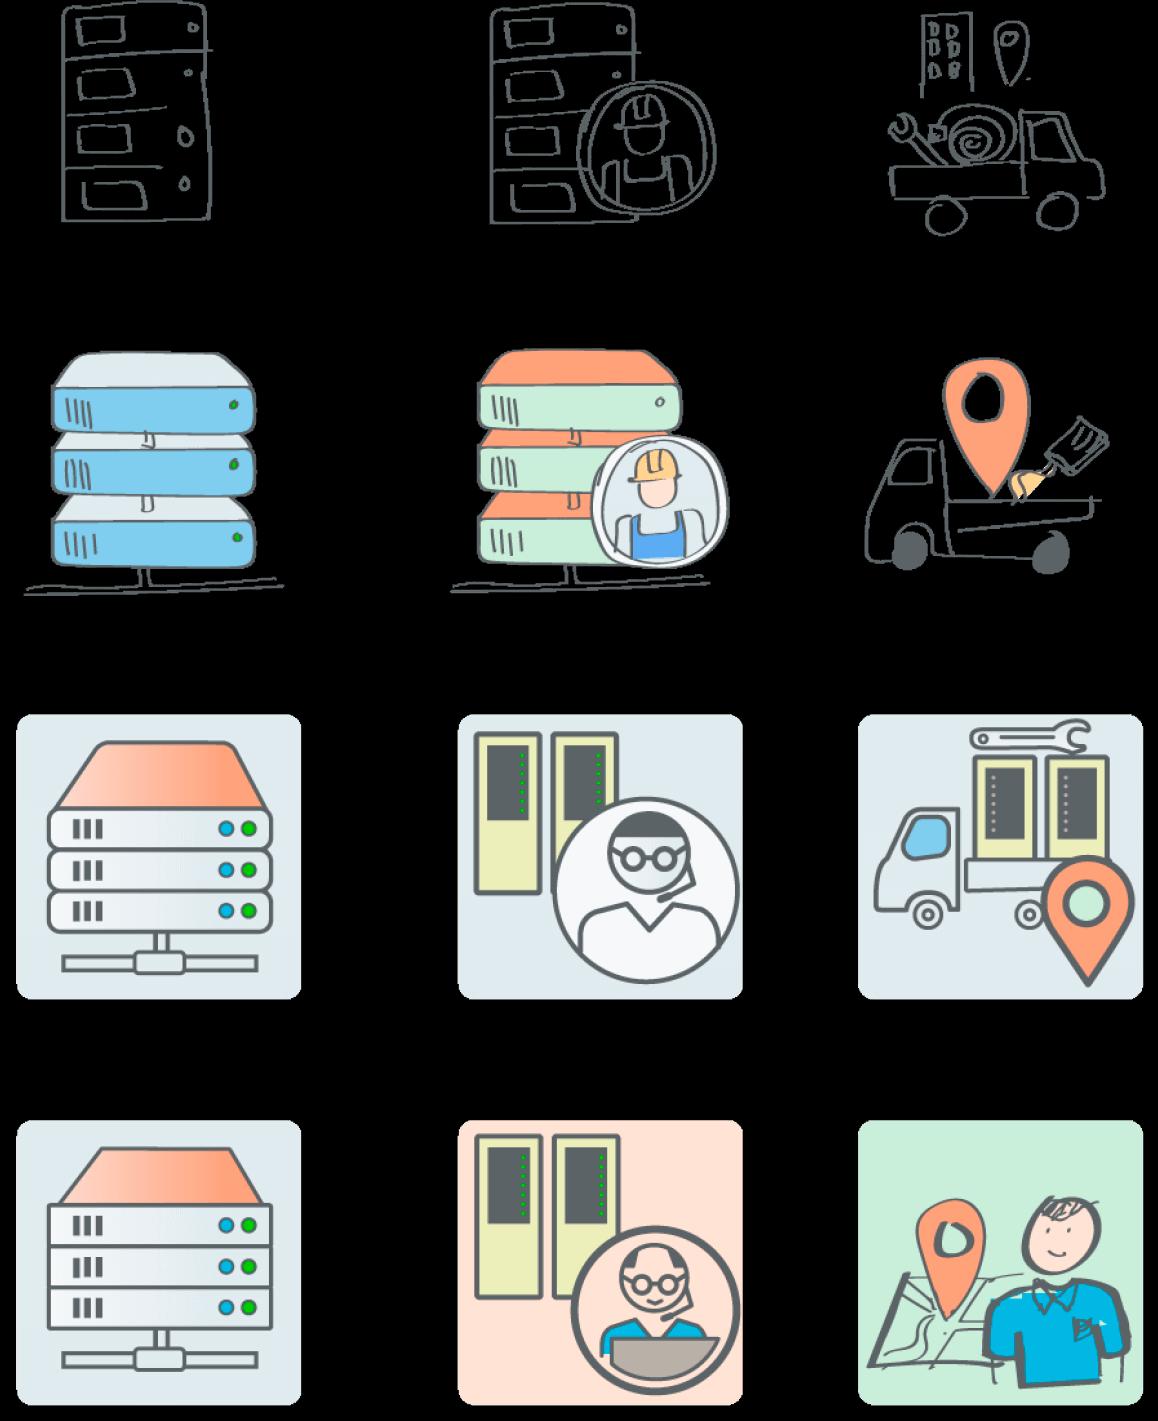 Voortgangs-schetsen IT iconen, diverse stadia van schets naar eindresultaat.